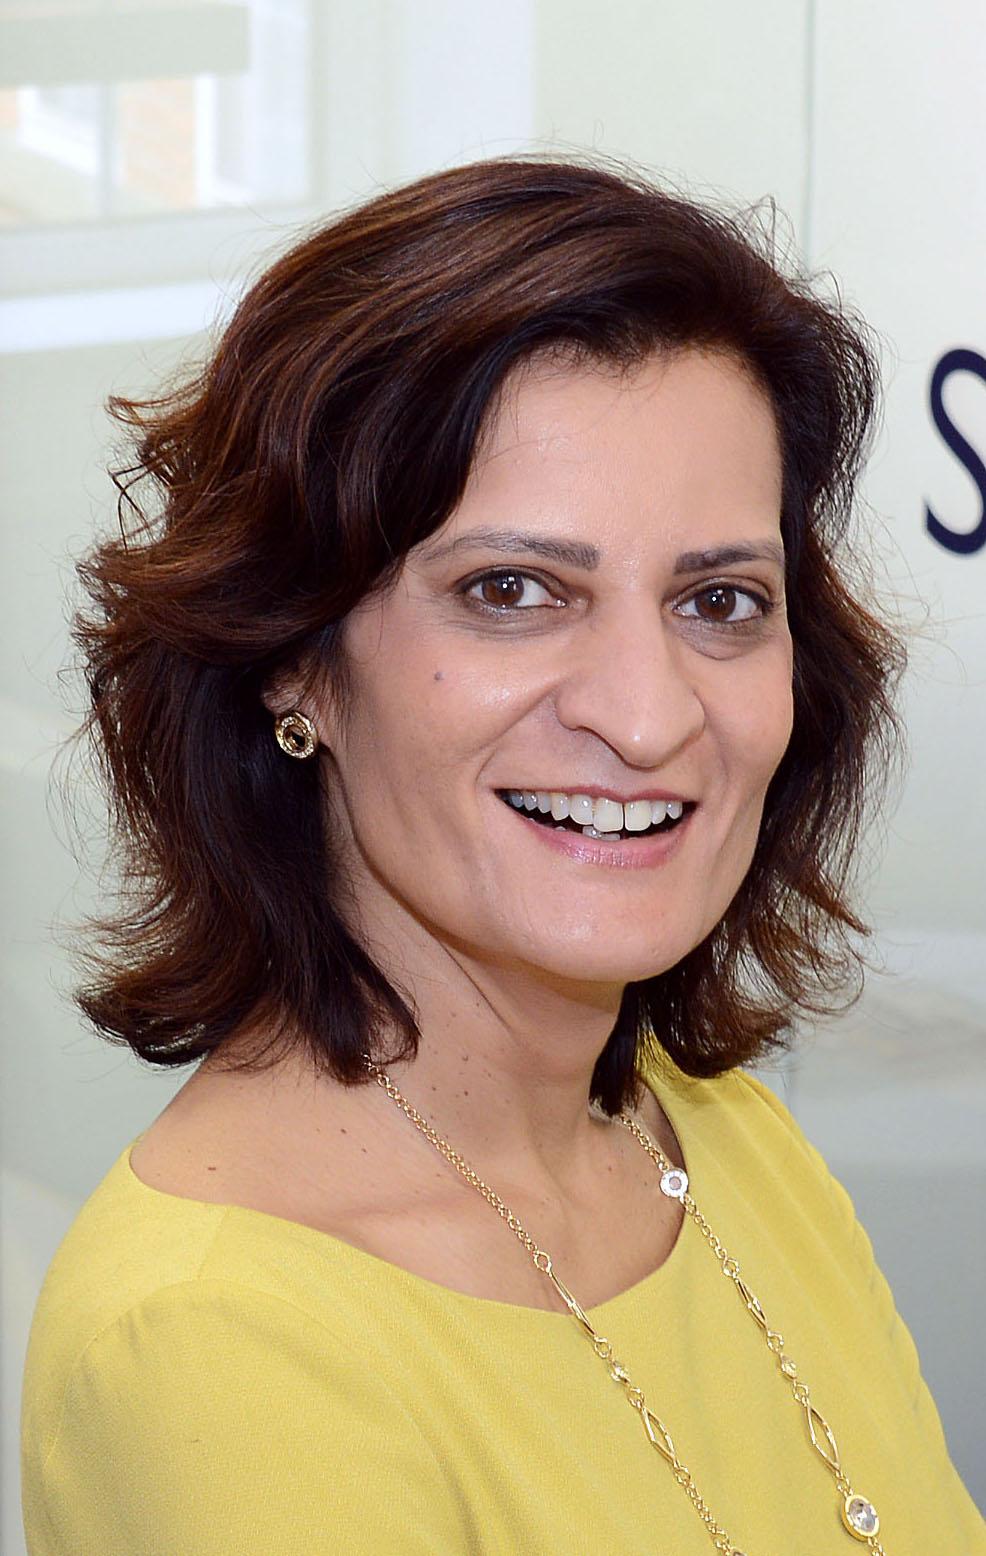 Sushma Kotecha